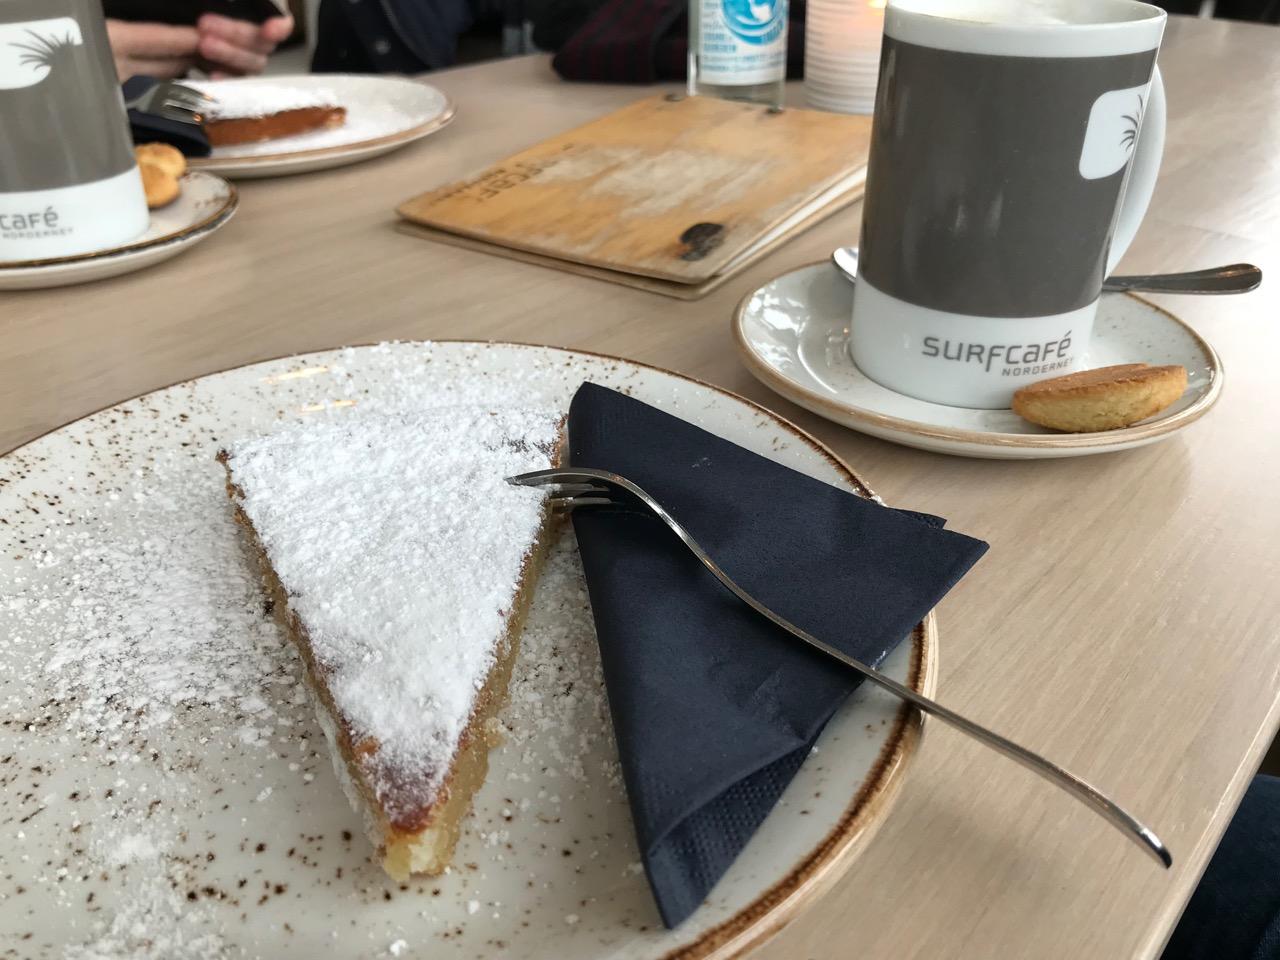 Norderney: Kaffee und Kuchen im Surfcafé